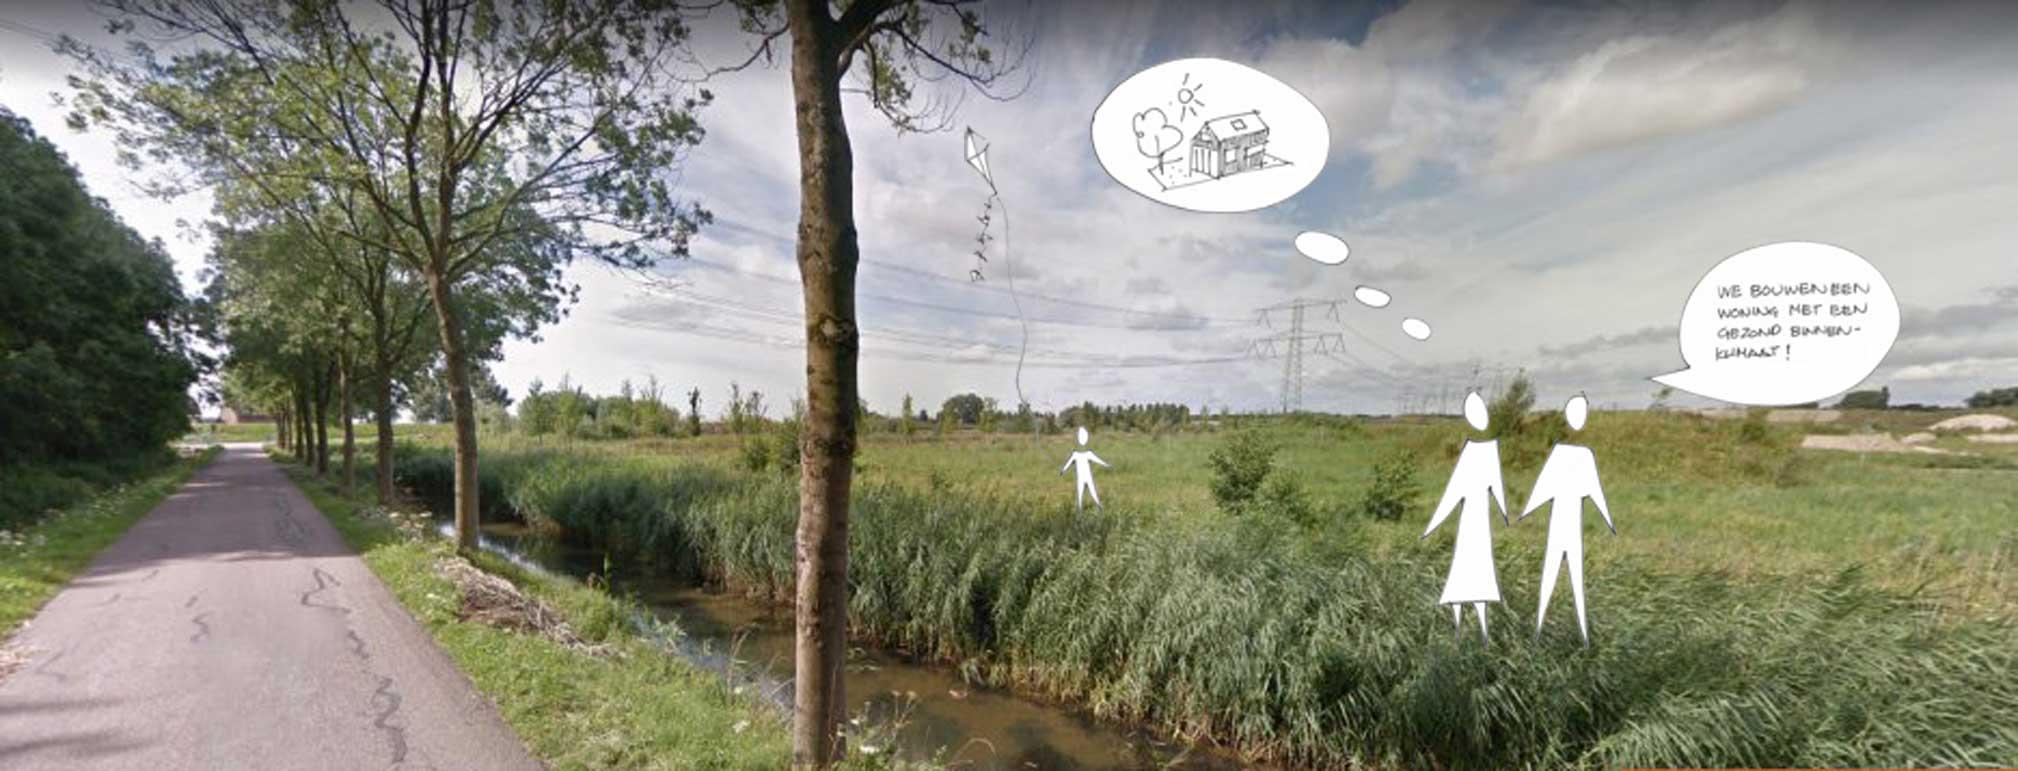 Zelfbouwlocatie_De_Vrije_Wilg_Dordrecht_MAATworks